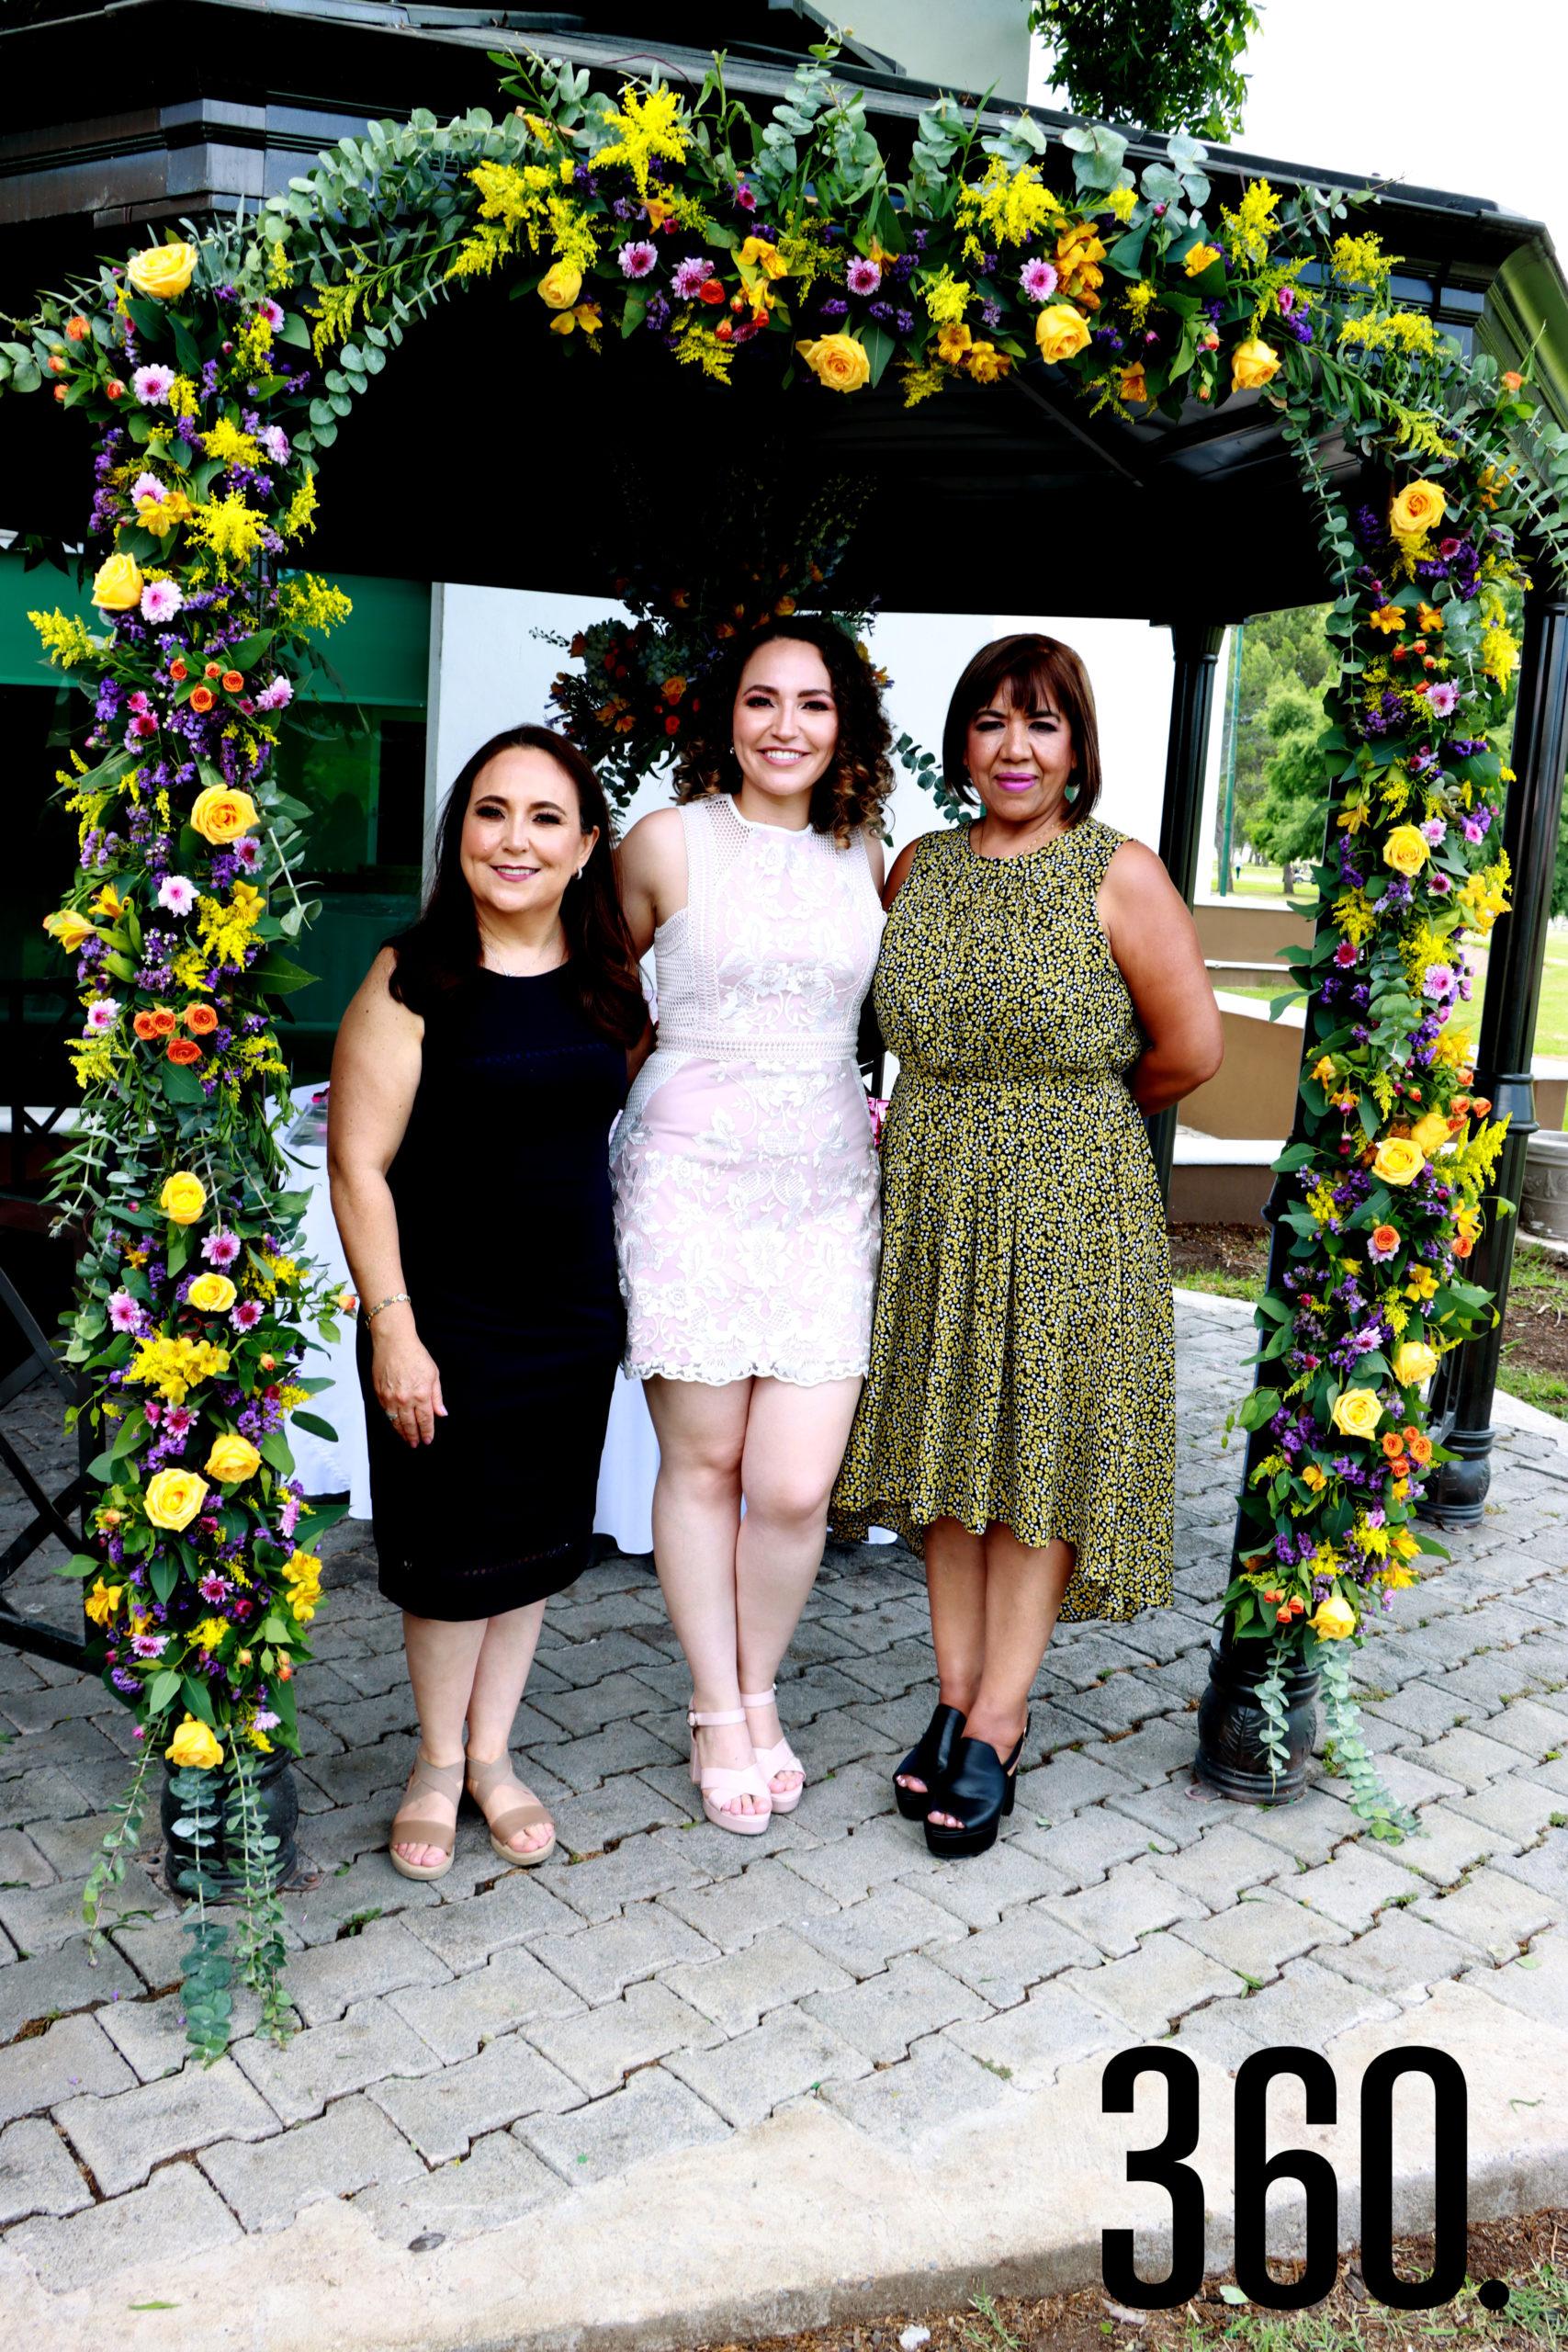 María Luisa Ramos y Elba Leija Santamaría organizaron la despedida de soltera para Ana Cecilia Romero Ramos.